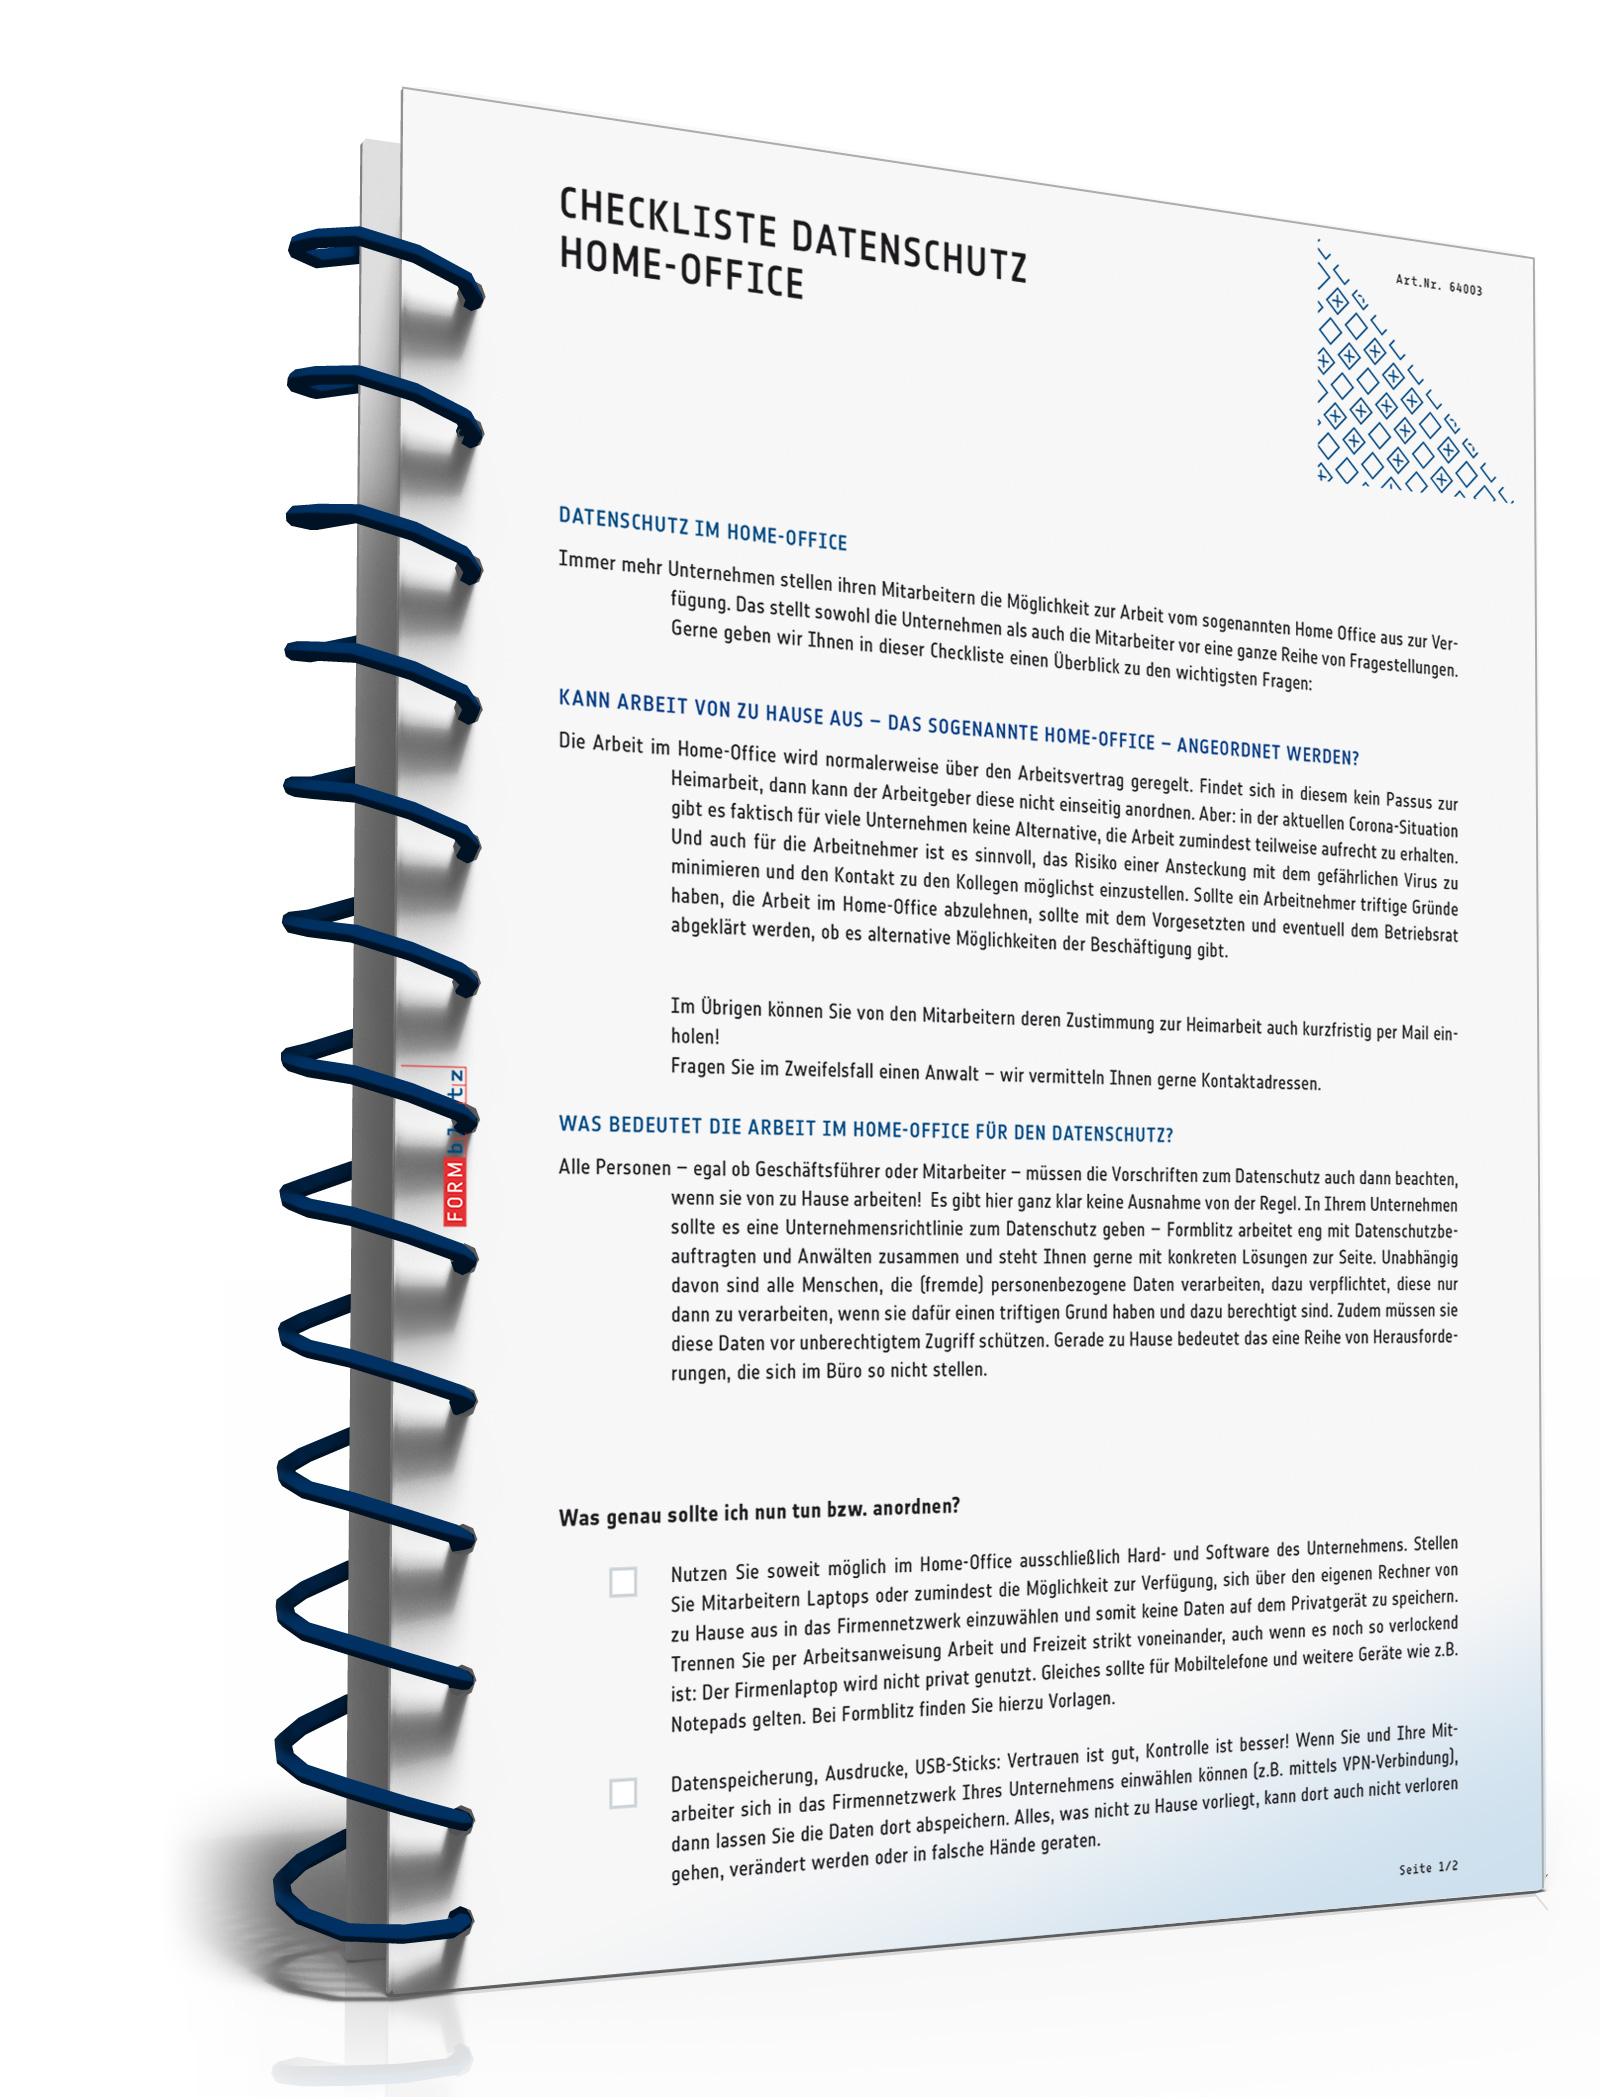 Checkliste Datenschutz Home-Office Dokument zum Download